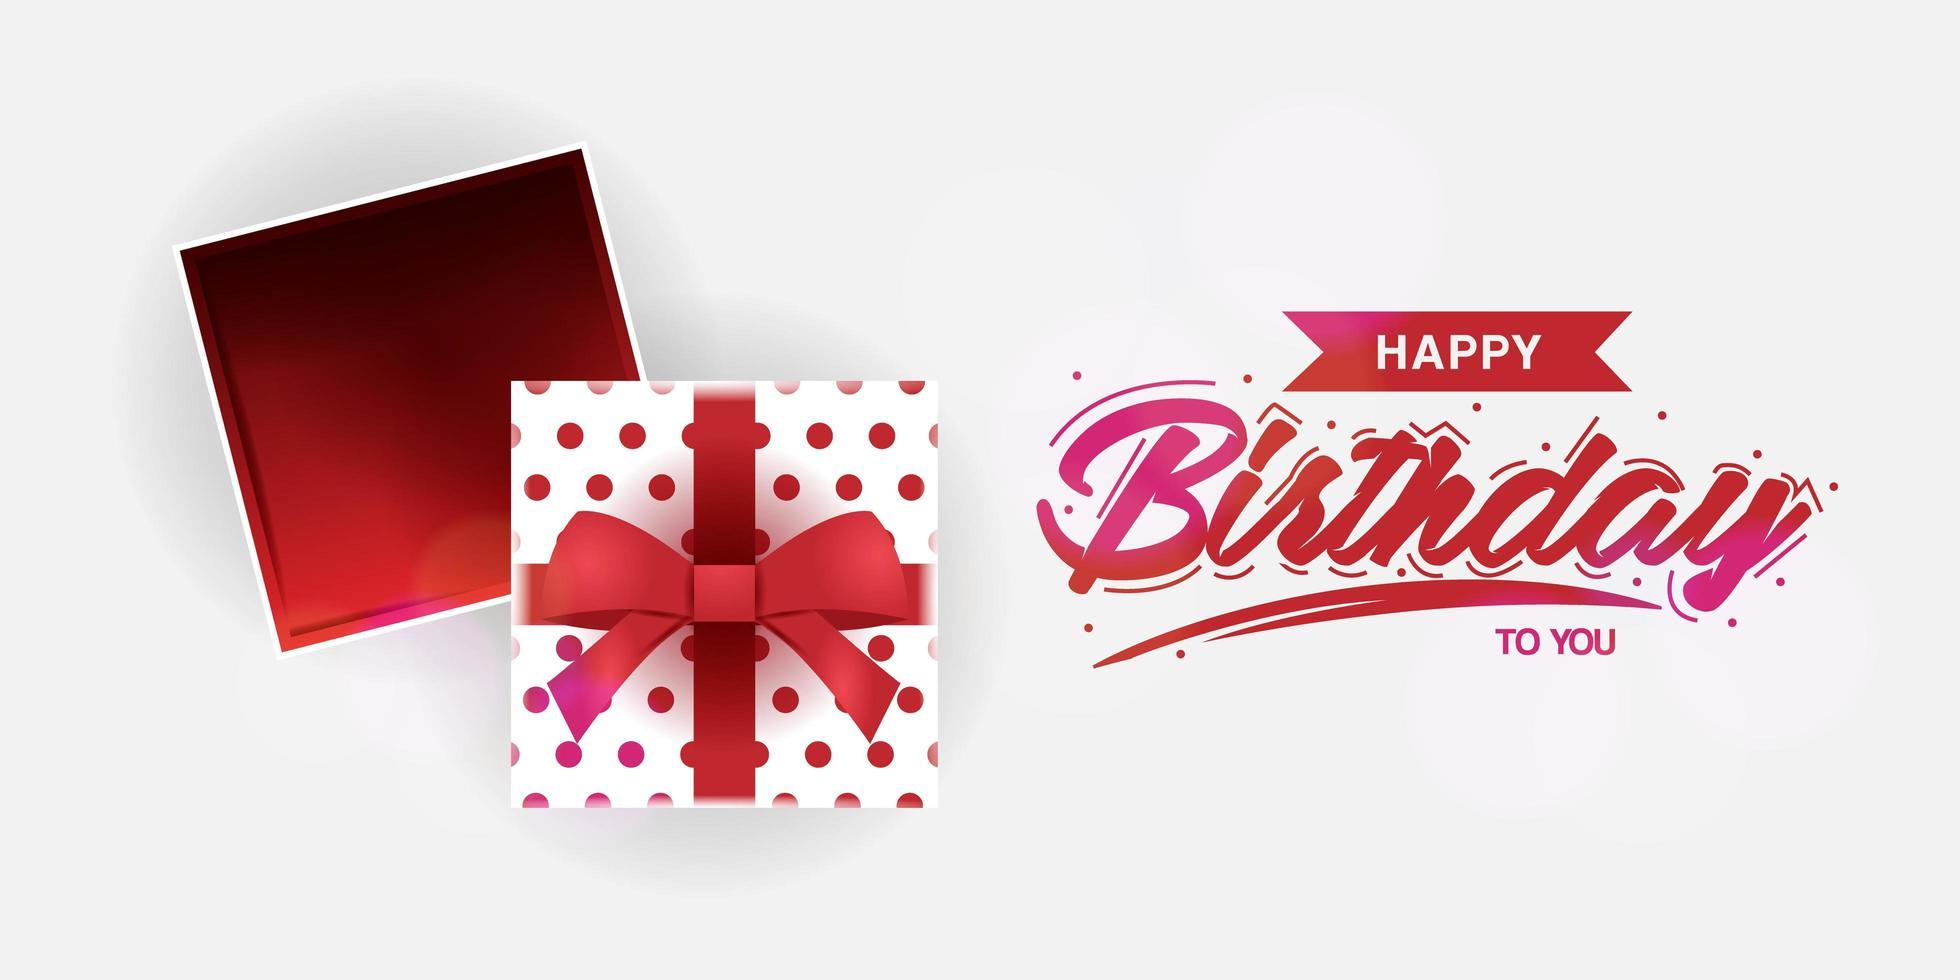 disegno di celebrazione di compleanno con confezione regalo aperta vettore